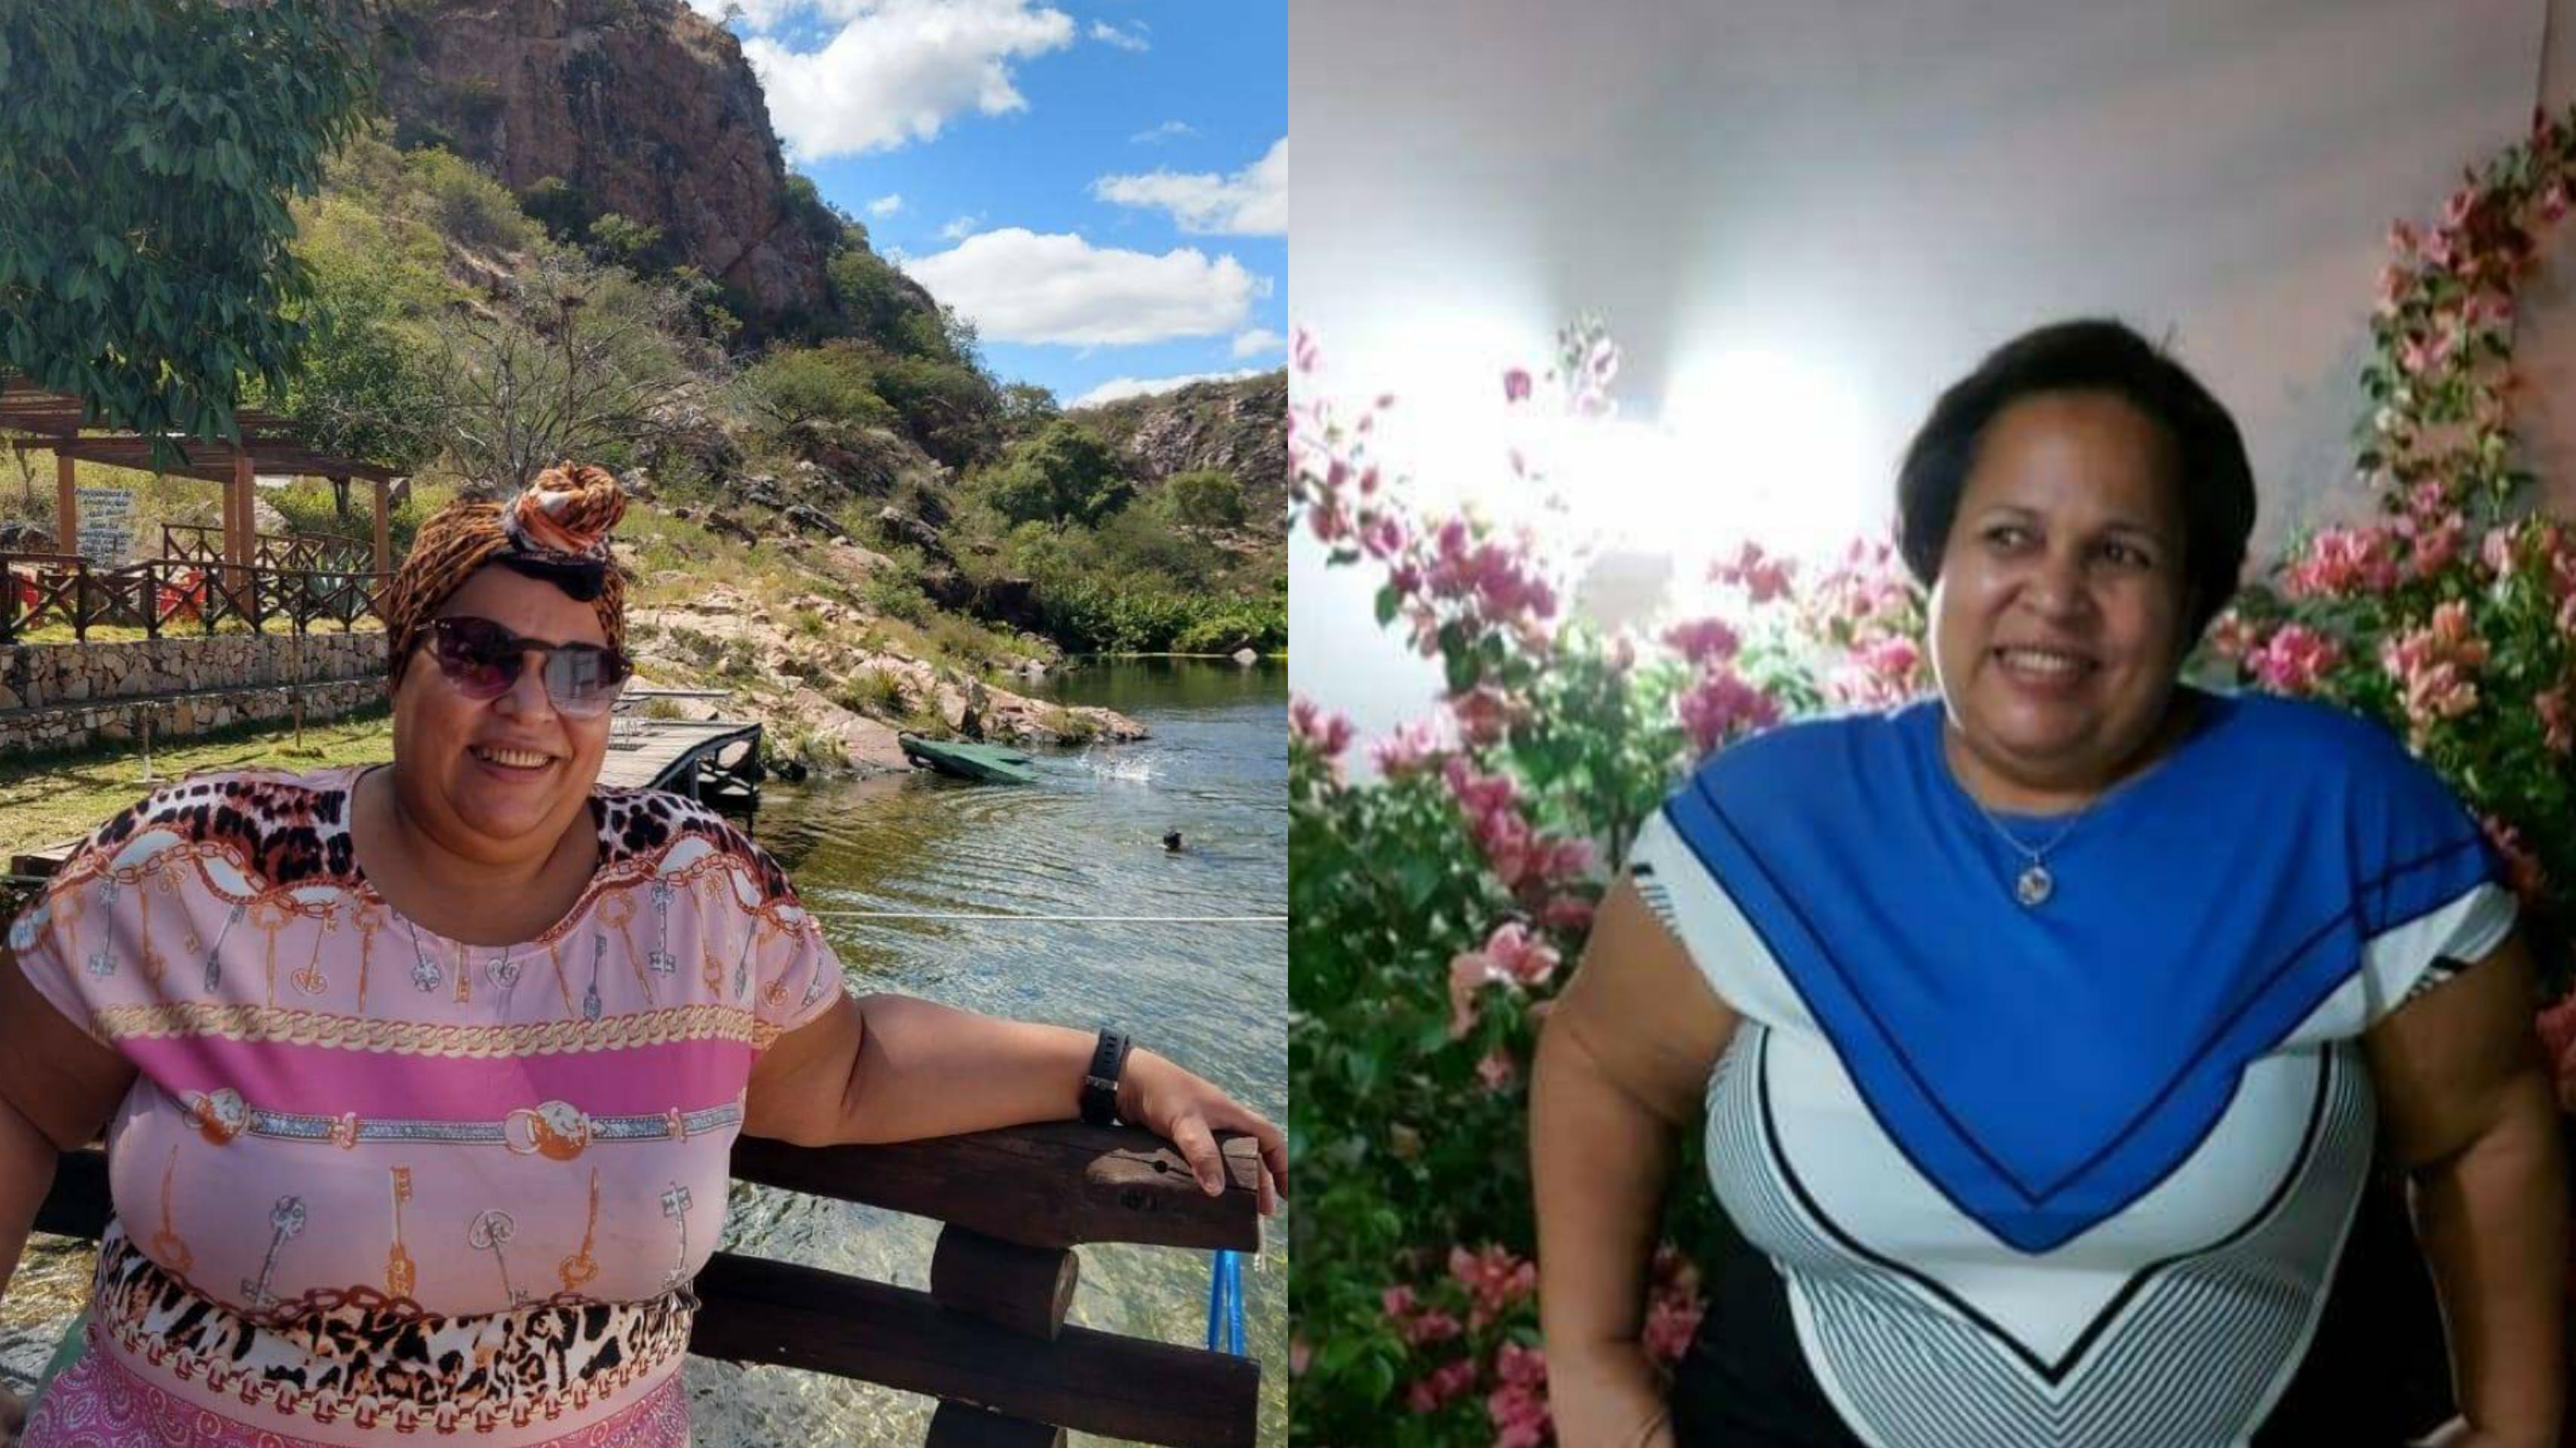 Pastora morre horas depois de ser internada em hospital de Paulo Afonso